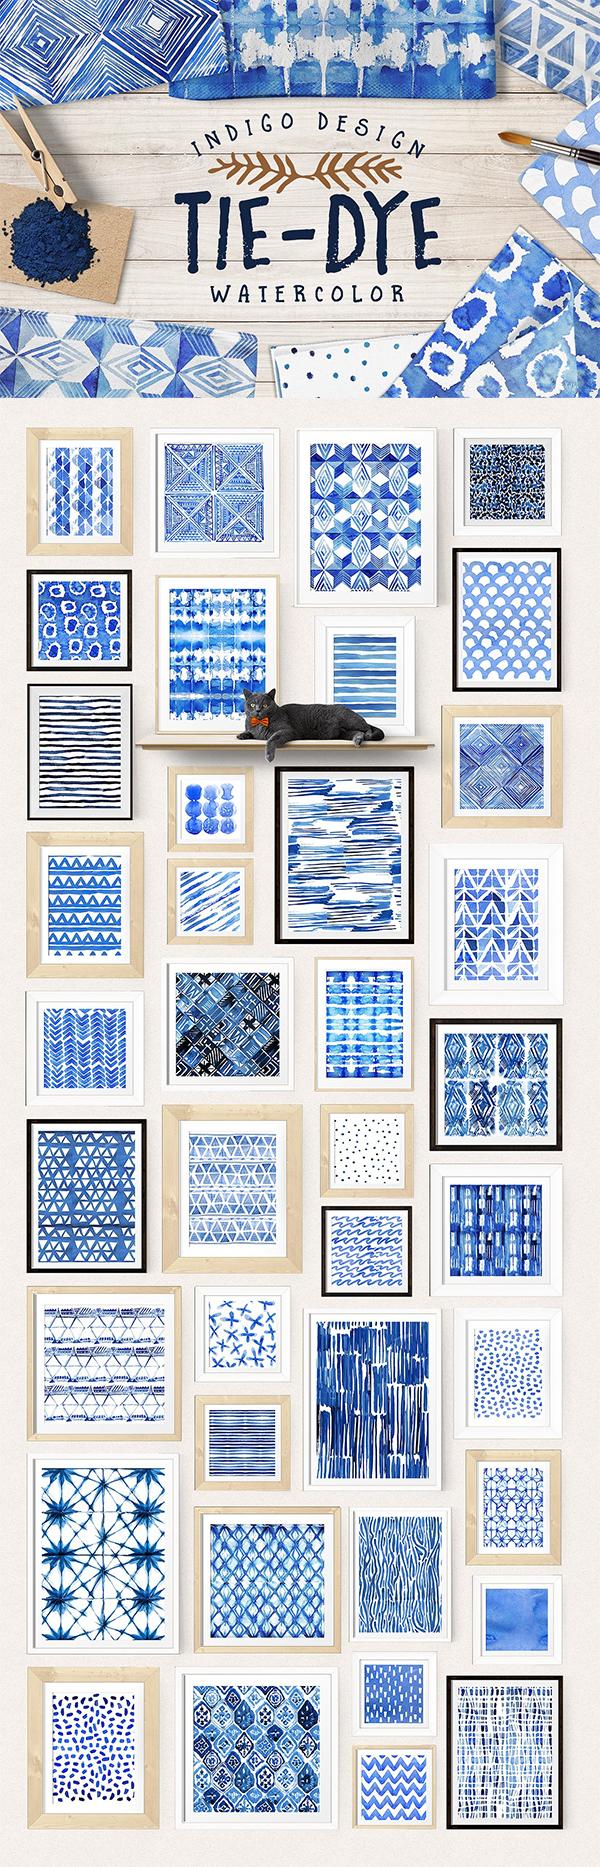 Tie-Dye watercolor patterns pack